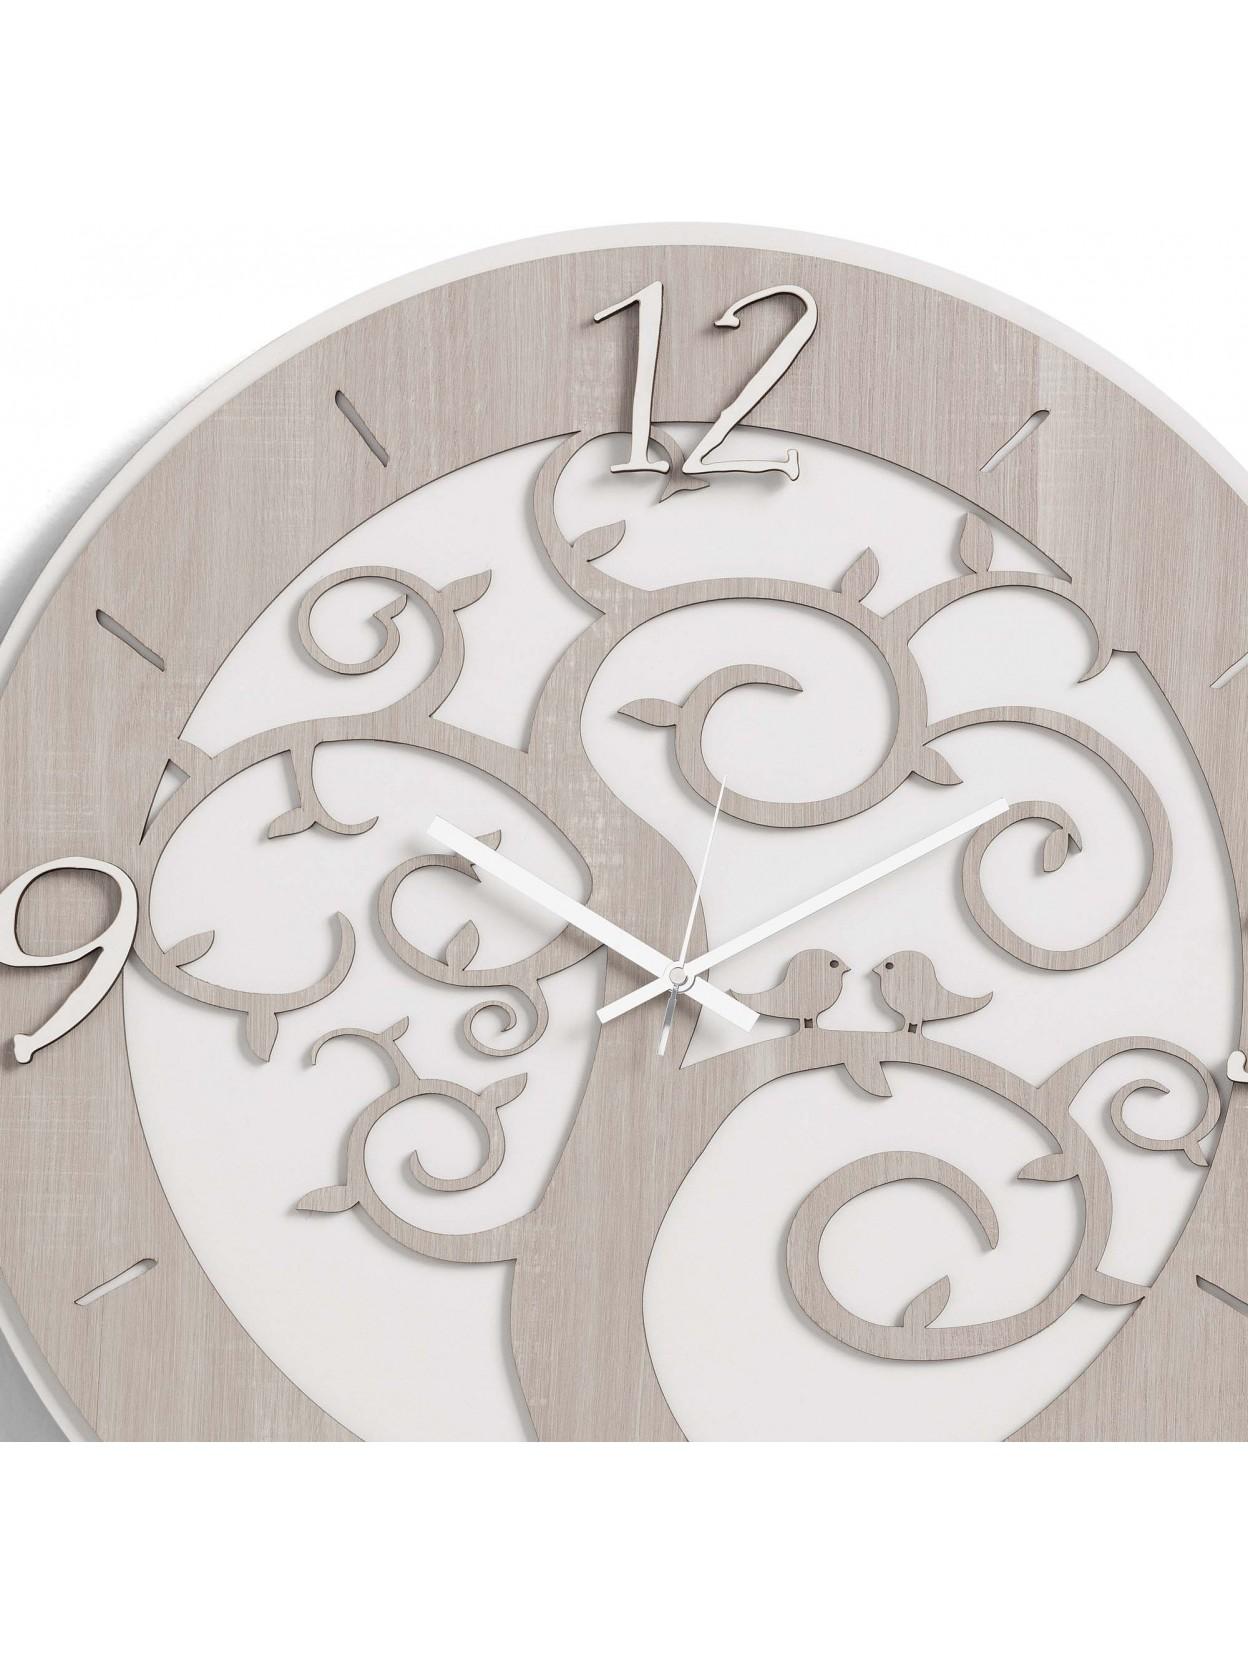 Una vasta scelta di orologi di design moderno (come quelli a forma di albero della vita) , firmati (carlo pignatelli o cuorematto) classico e contemporaneo (in vetro o porcellana) a prezzi outlet per abbellire il muro, l'ambiente e creare la giusta atmosfera alla tua casa. Orologio Da Parete Moderno Albero Della Vita D50 Legno Taglio Laser M7